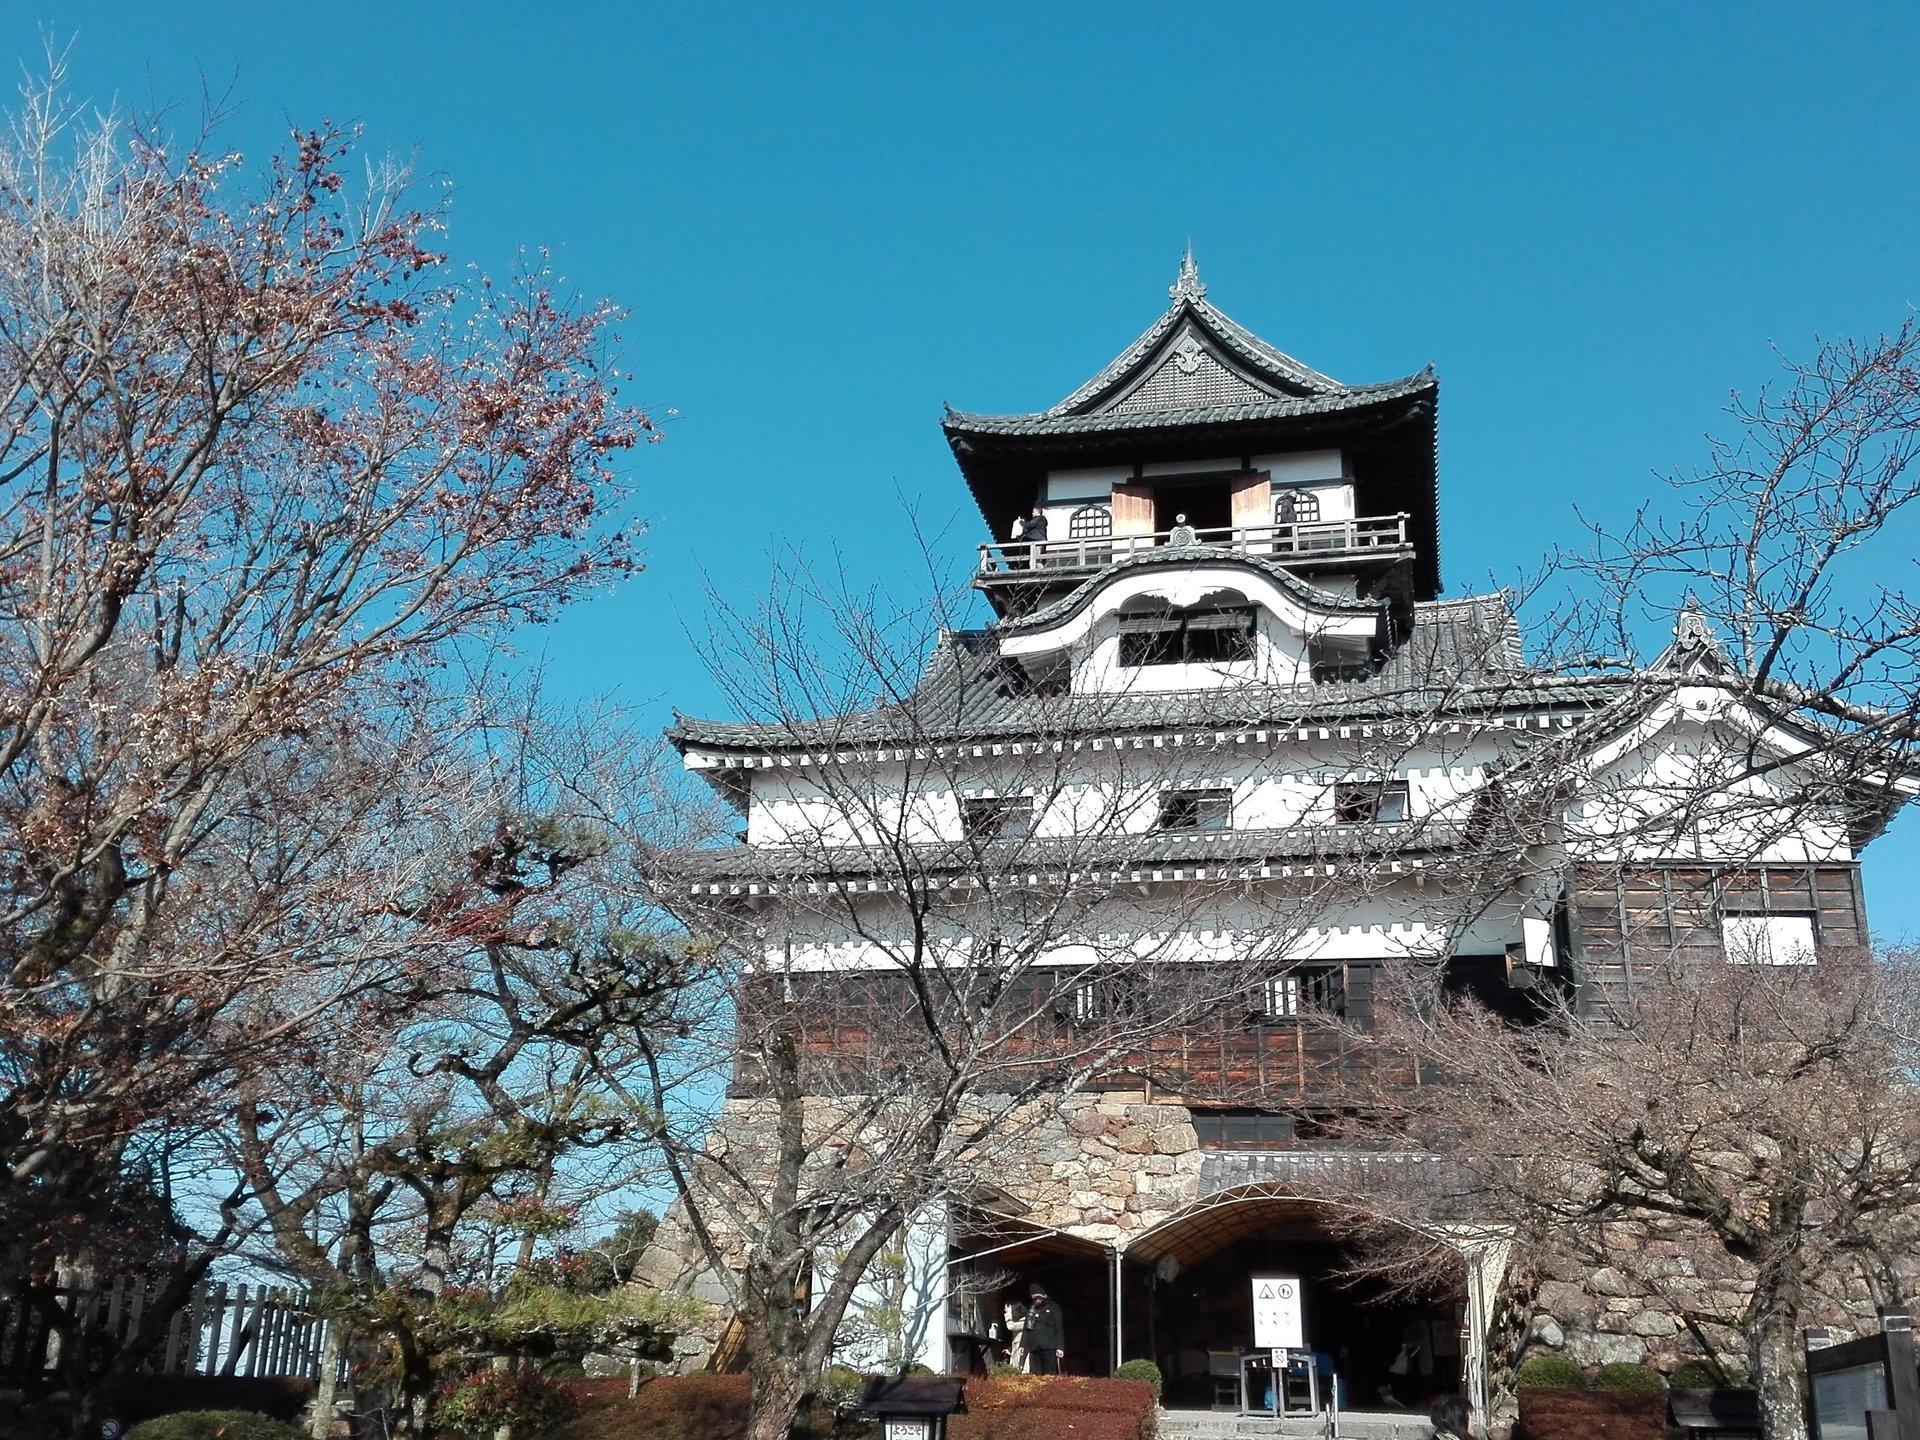 戦国にタイムスリップ?さすが!国宝「犬山城」本物のお城の迫力は圧巻